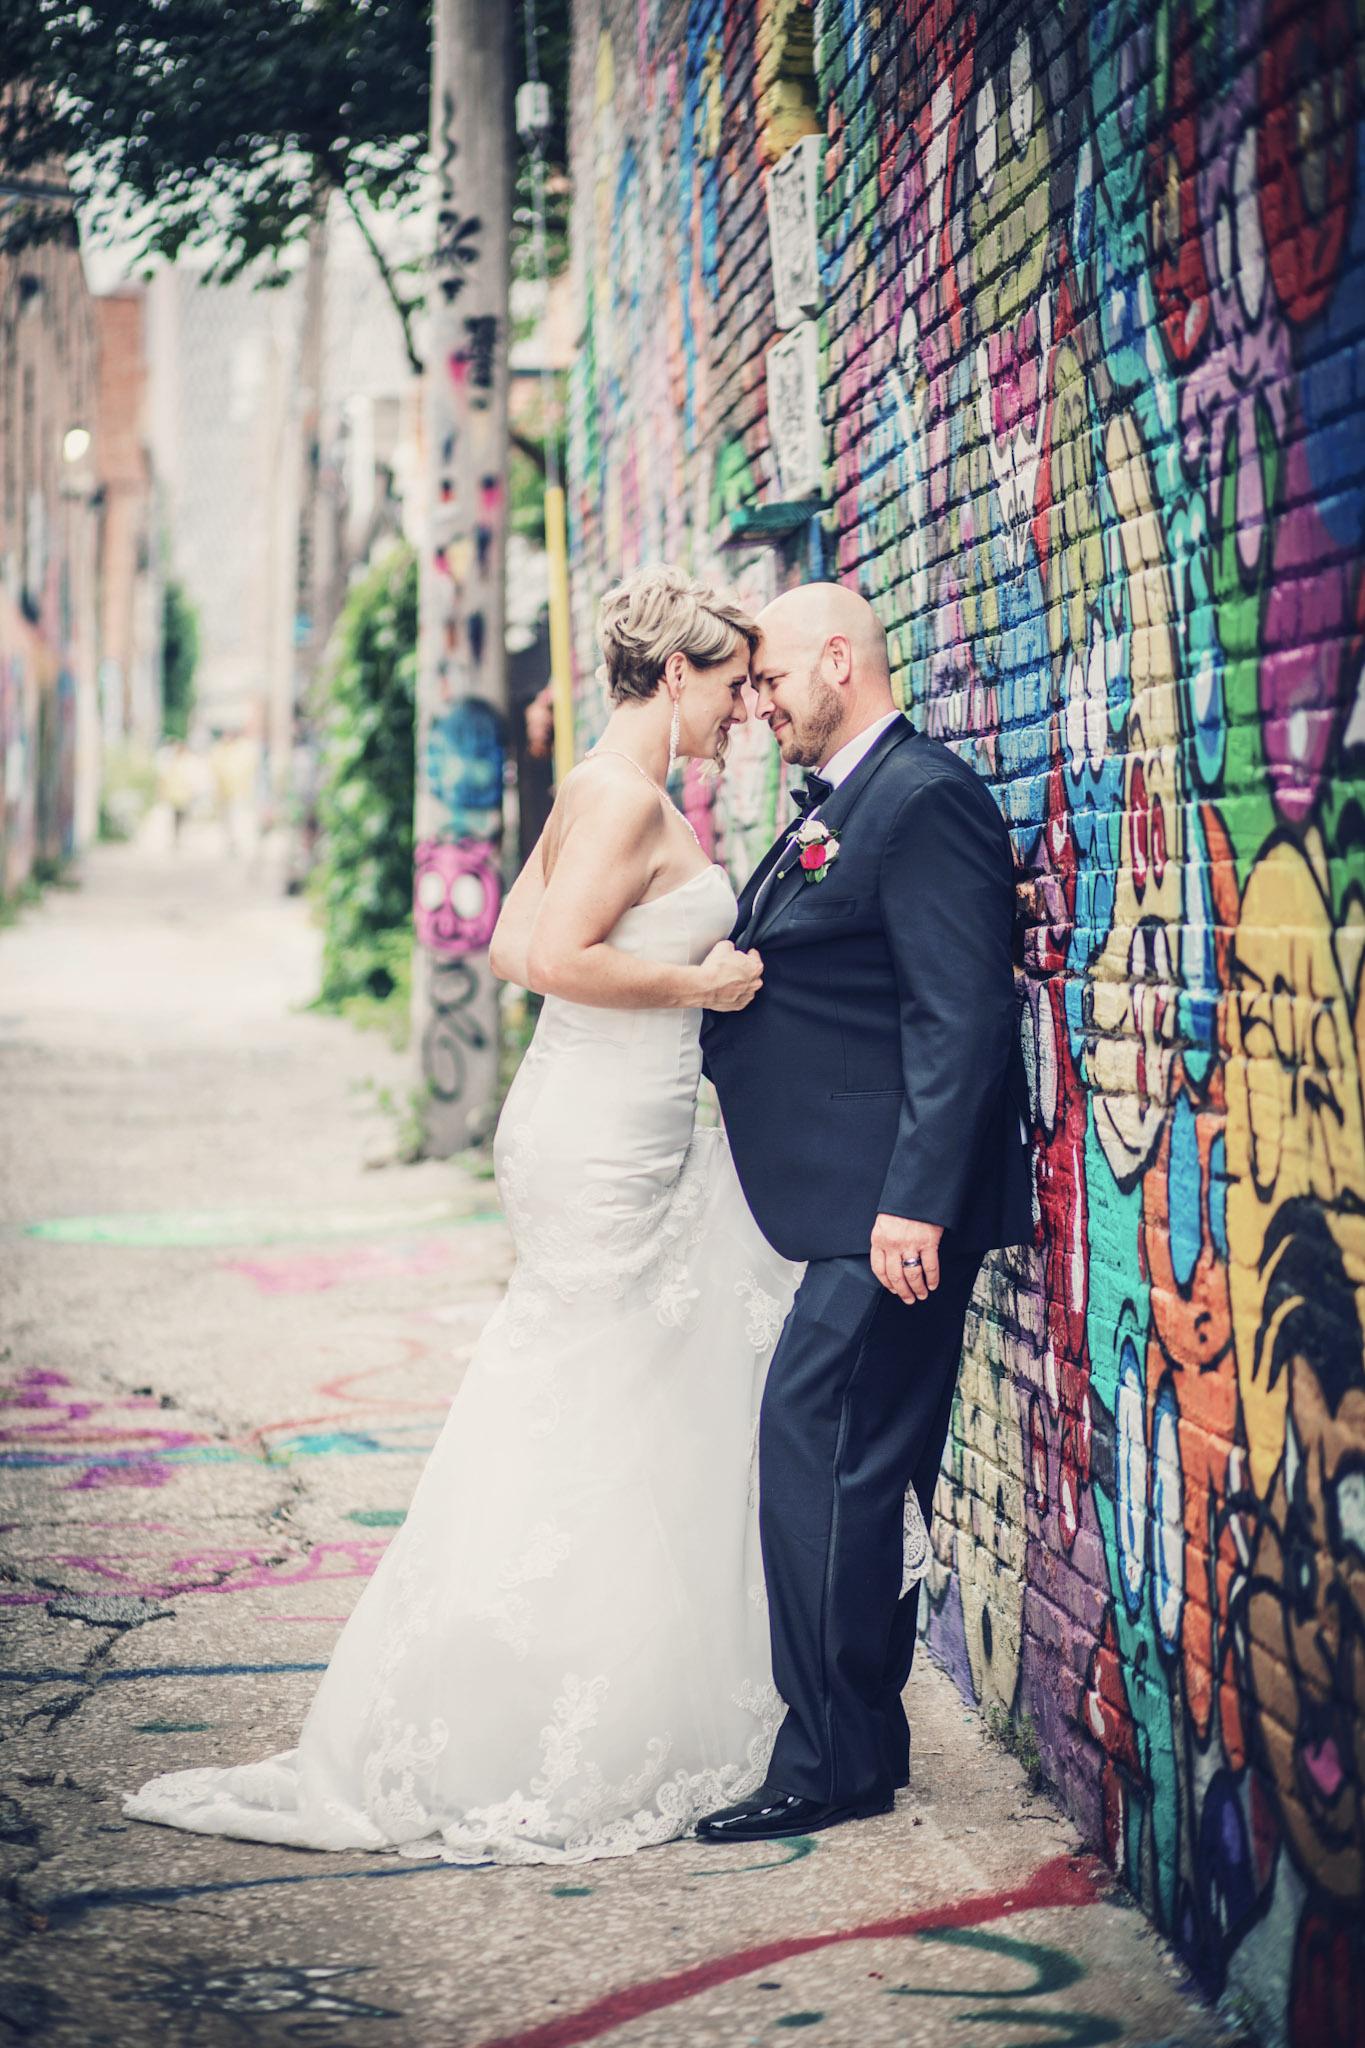 Kansas+City-Small+Wedding-Elope_Intimate_Ceremony_Melanie+David-18.jpg